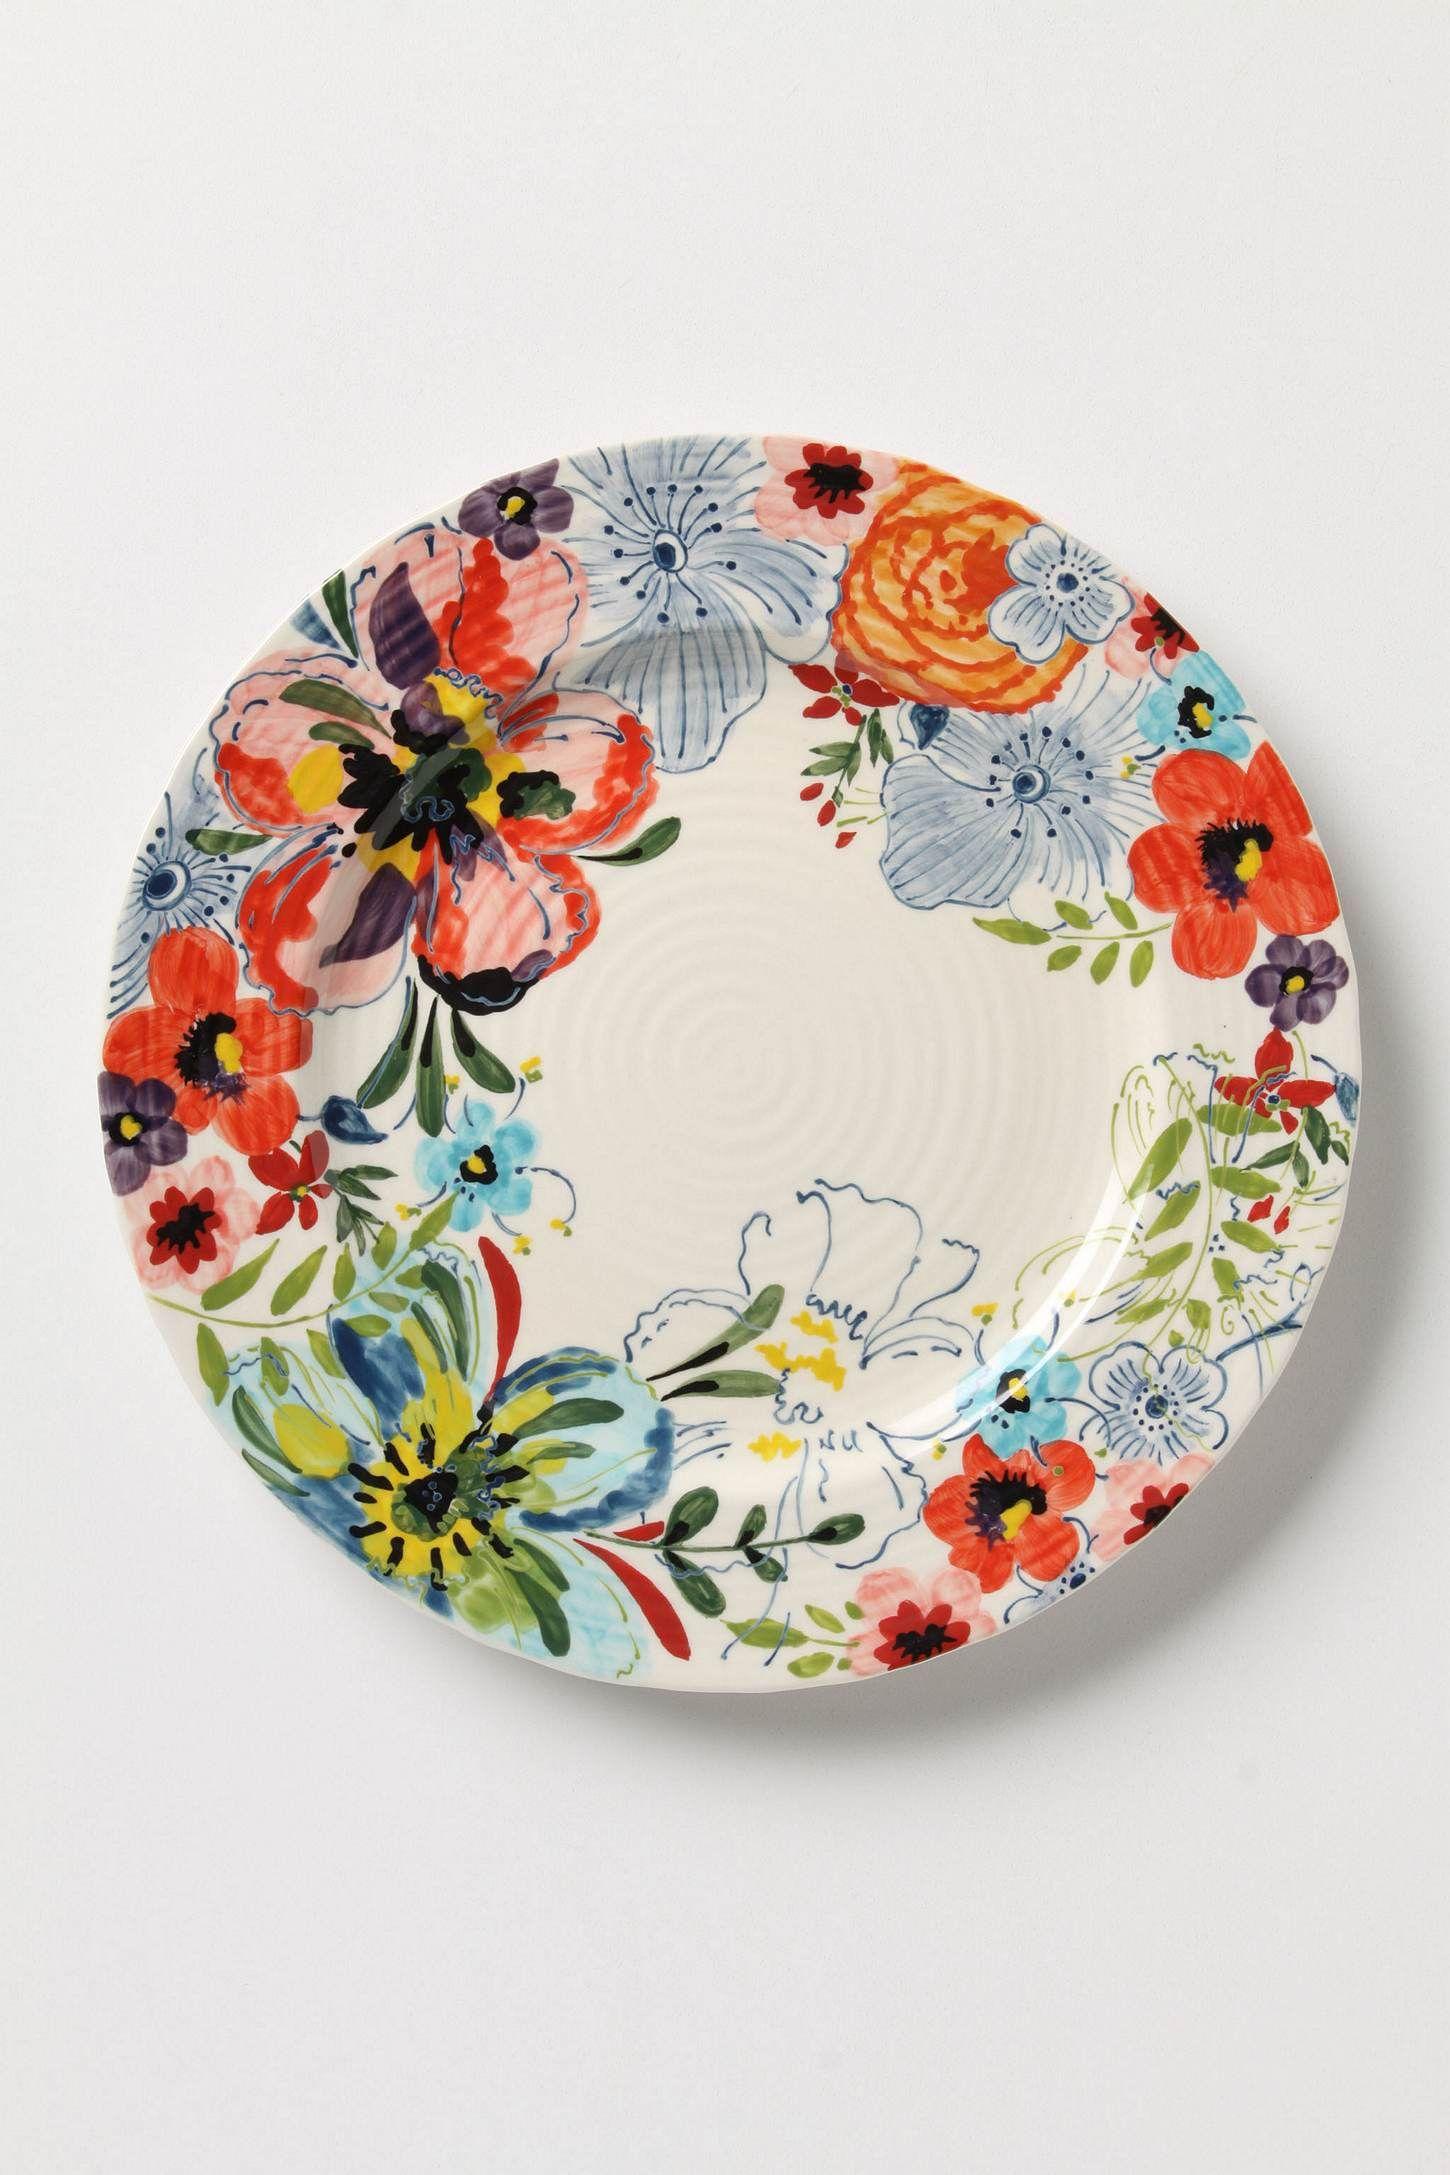 Sissinghurst Castle Dinner Plate Hand painted plates